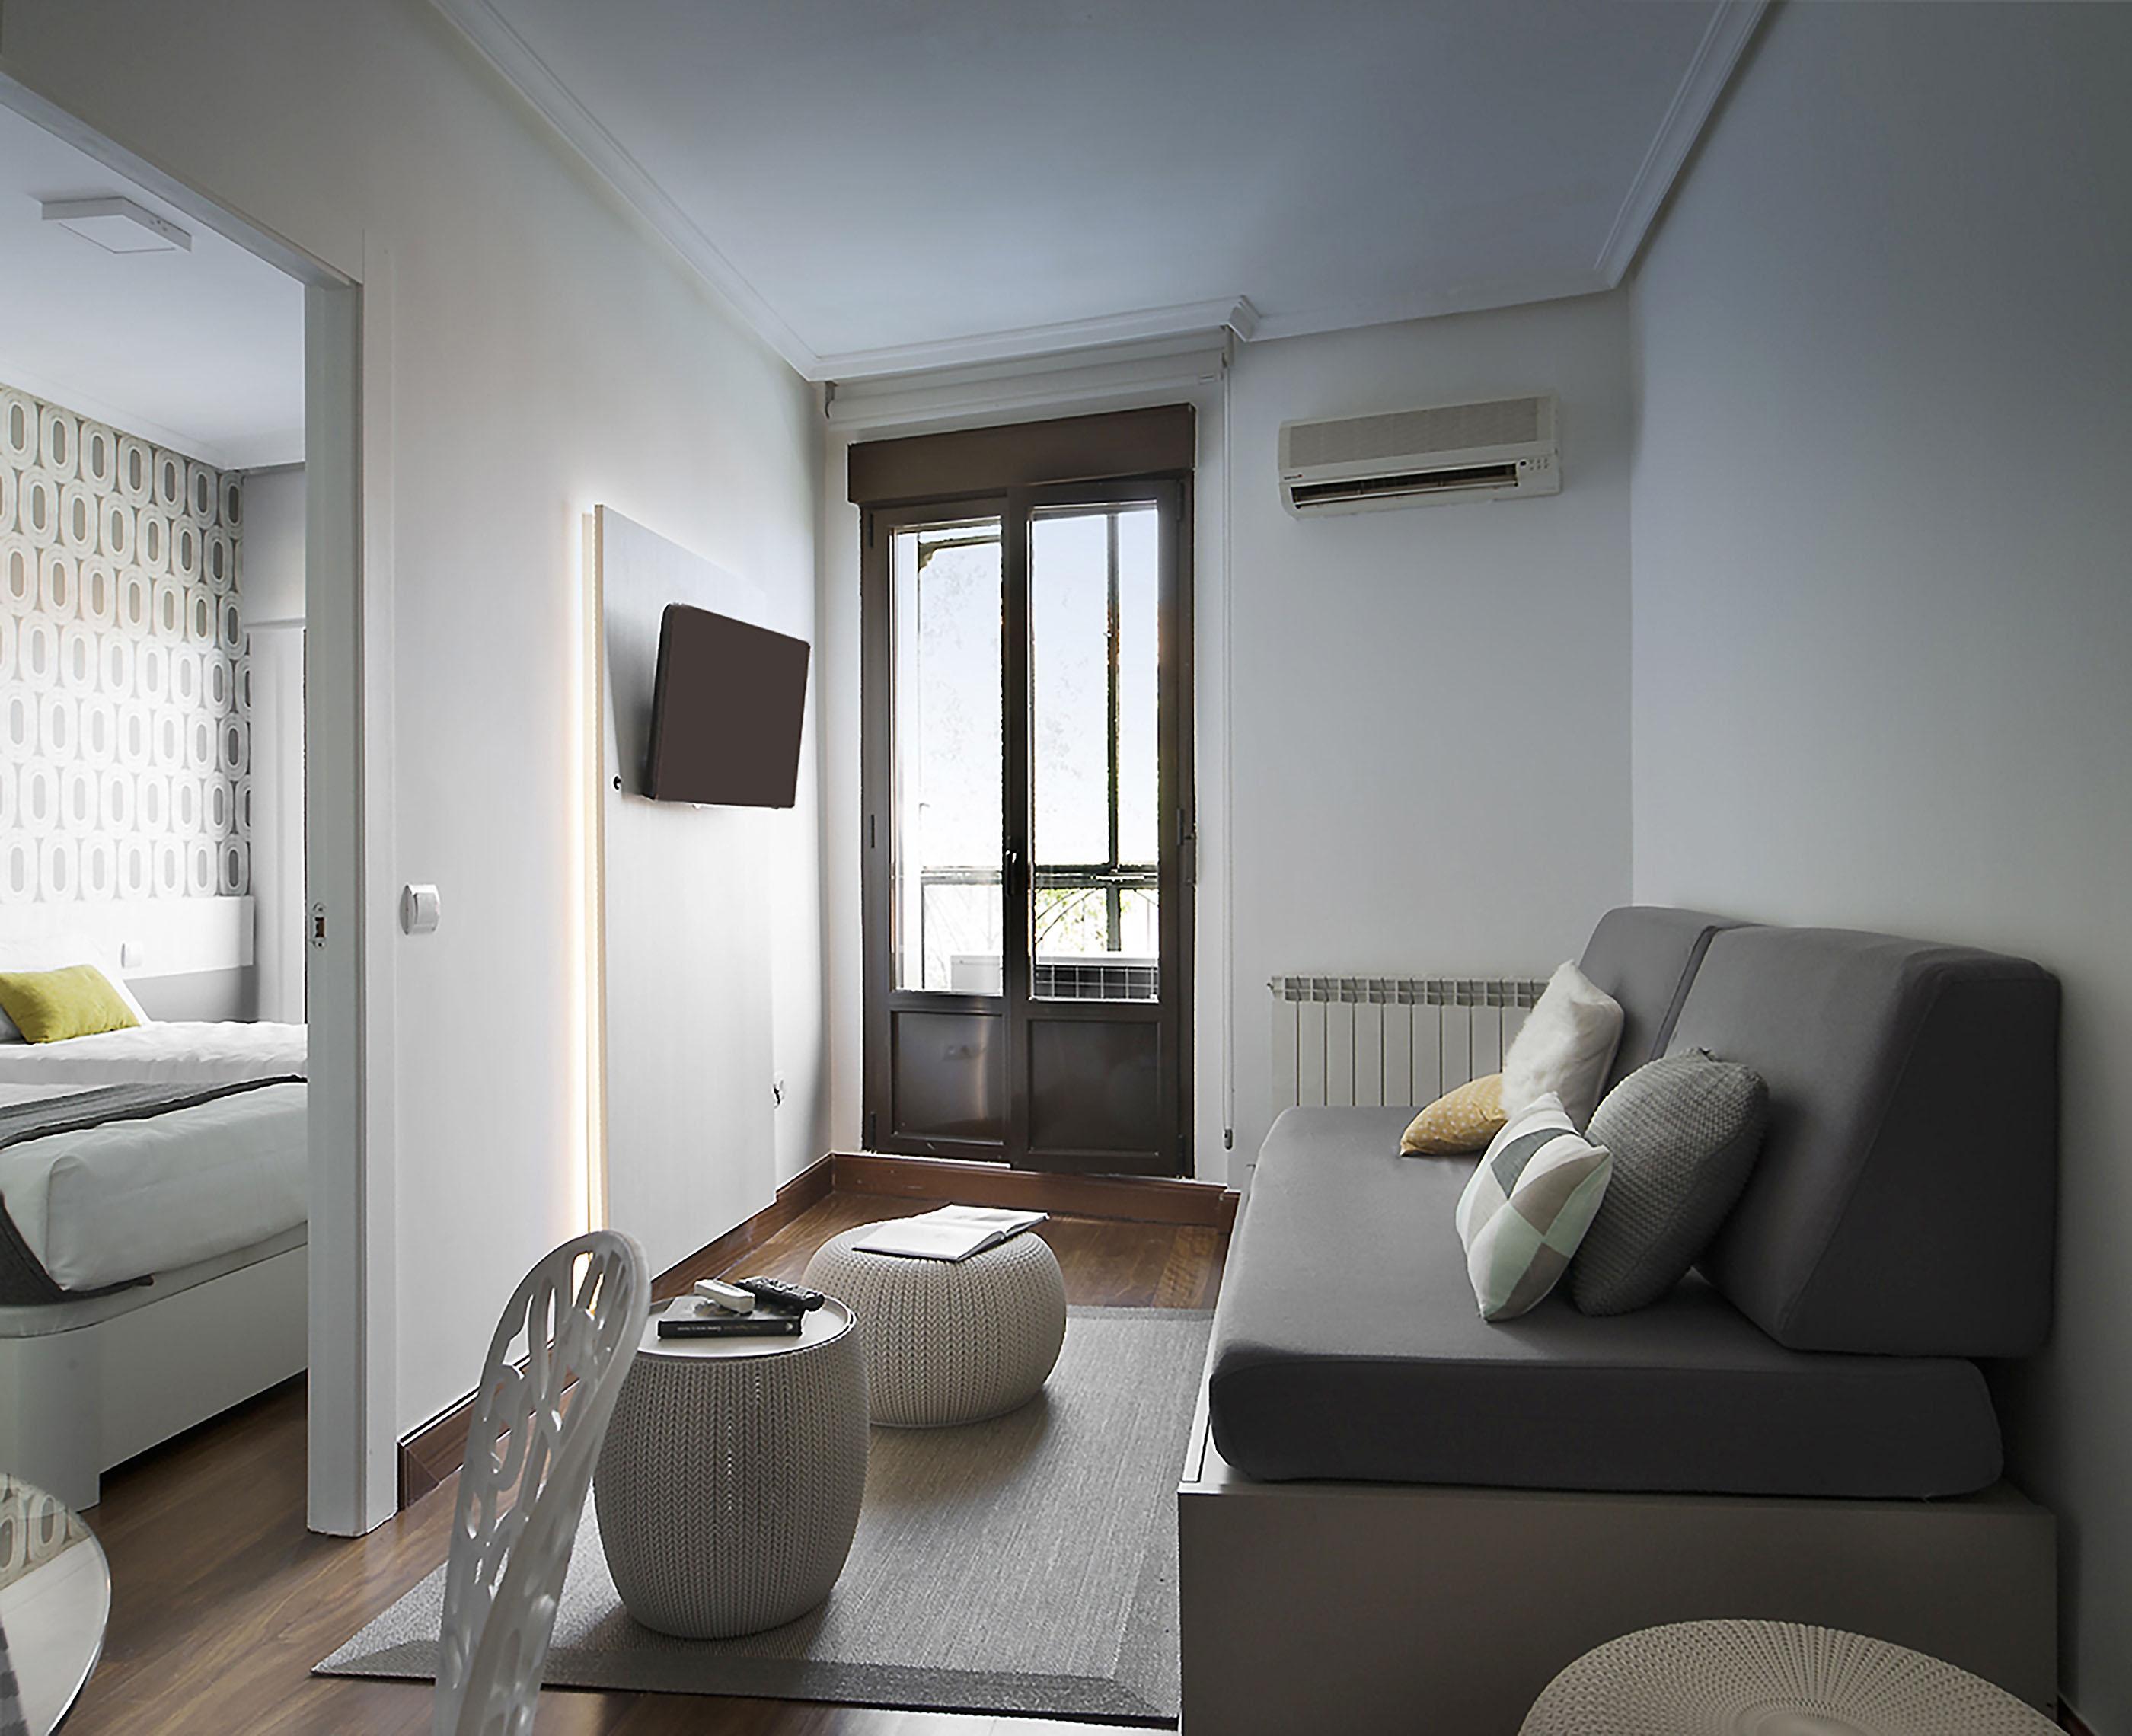 CENTRO apartamento de 1 dormitorio con balcon